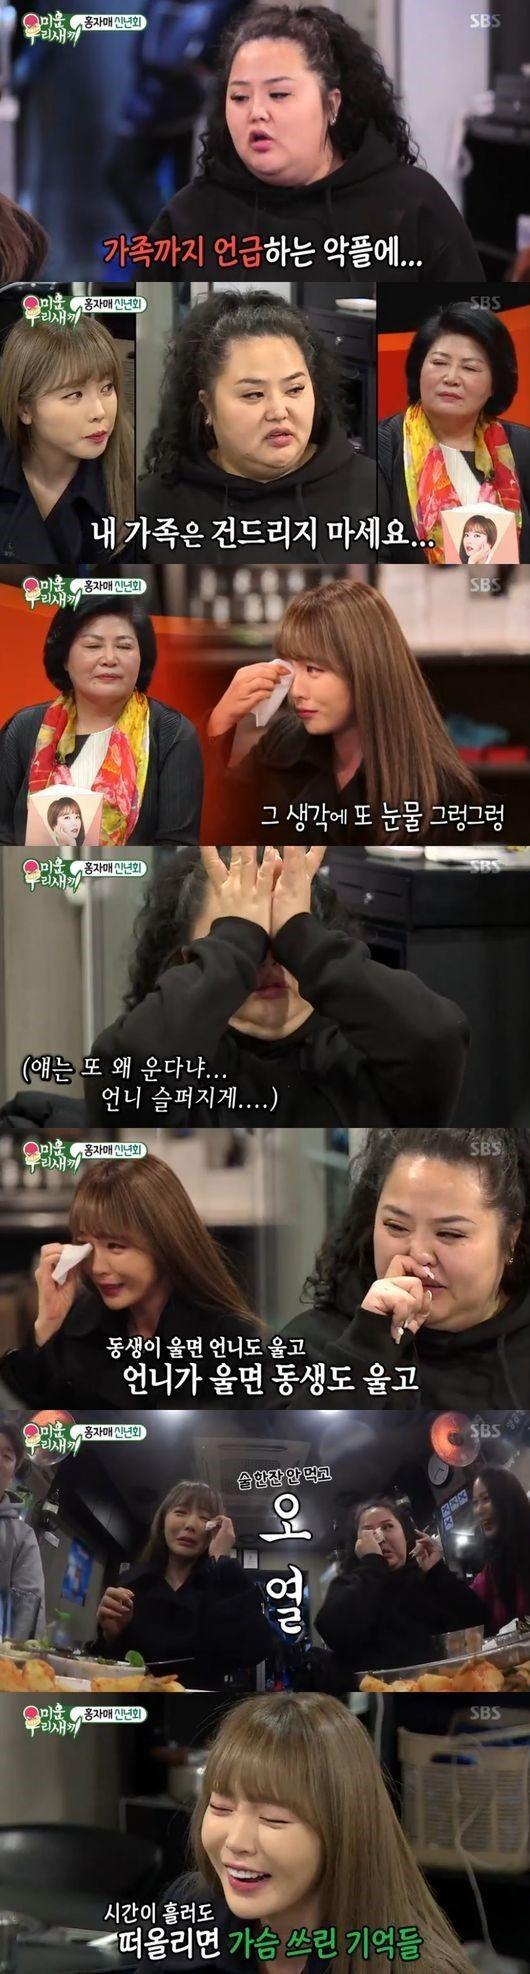 '미우새' 홍진영·홍선영 자매 눈물